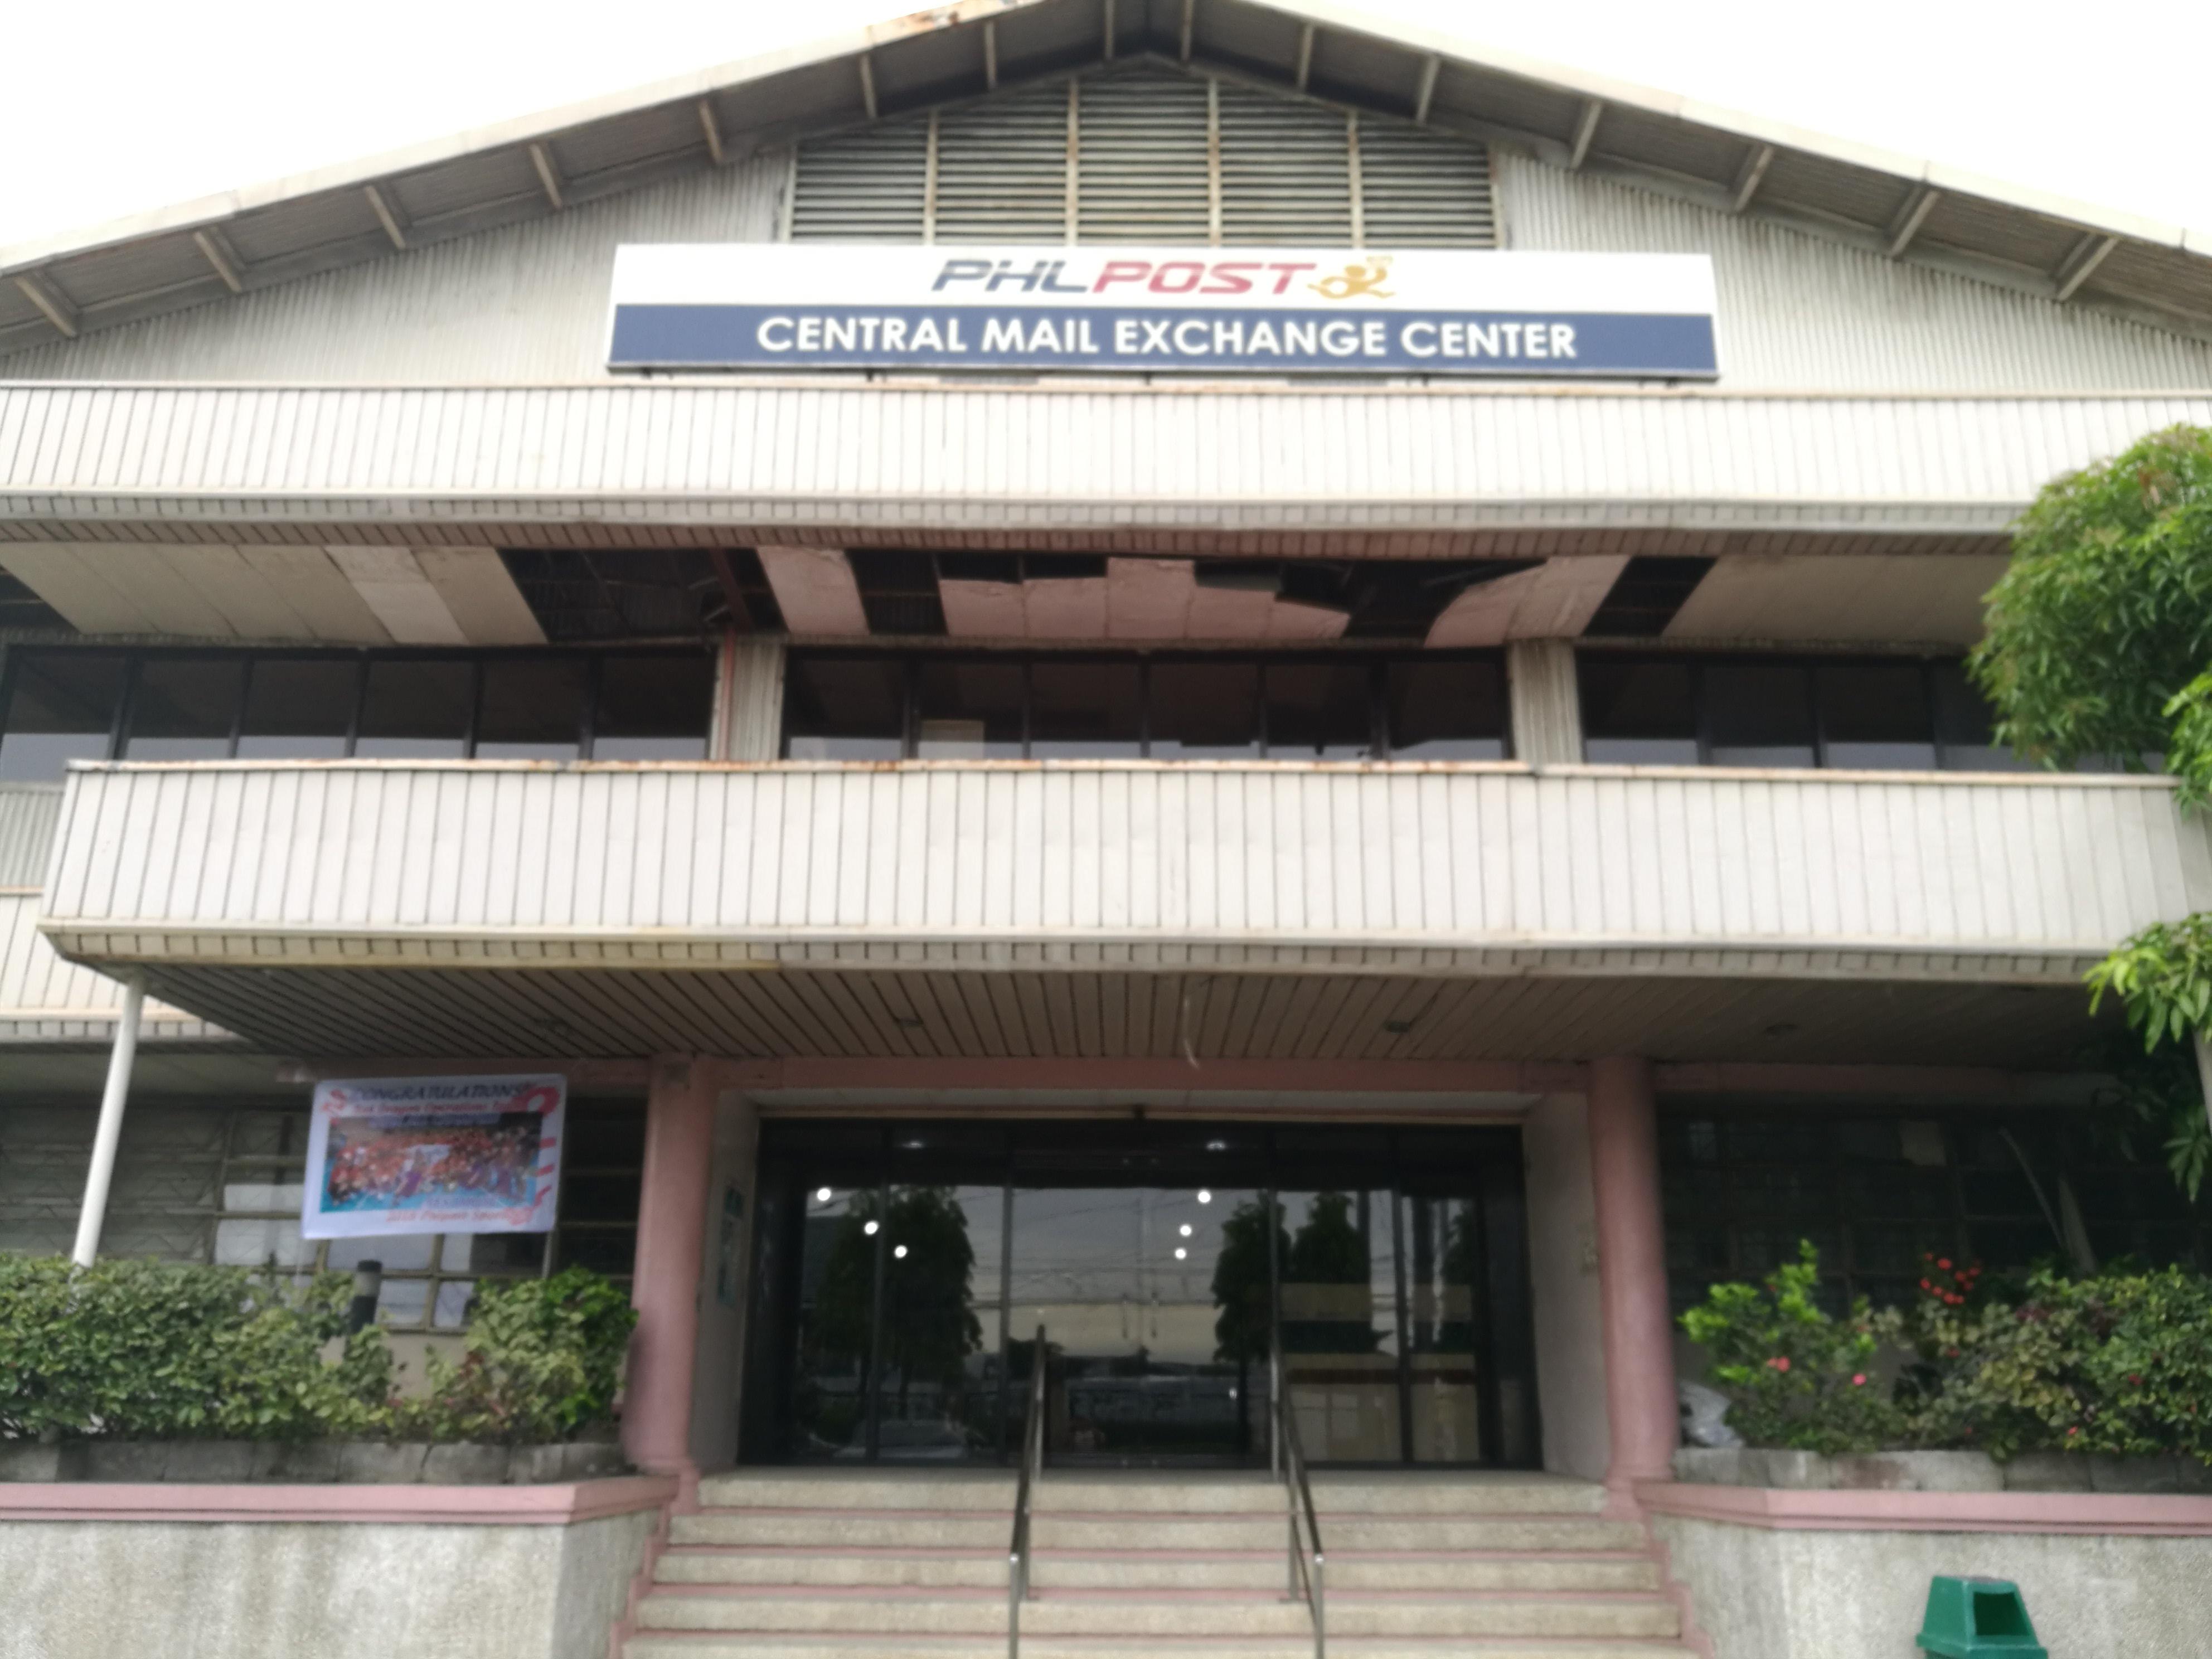 フィリピンでEMS(国際郵便)を受け取る方法